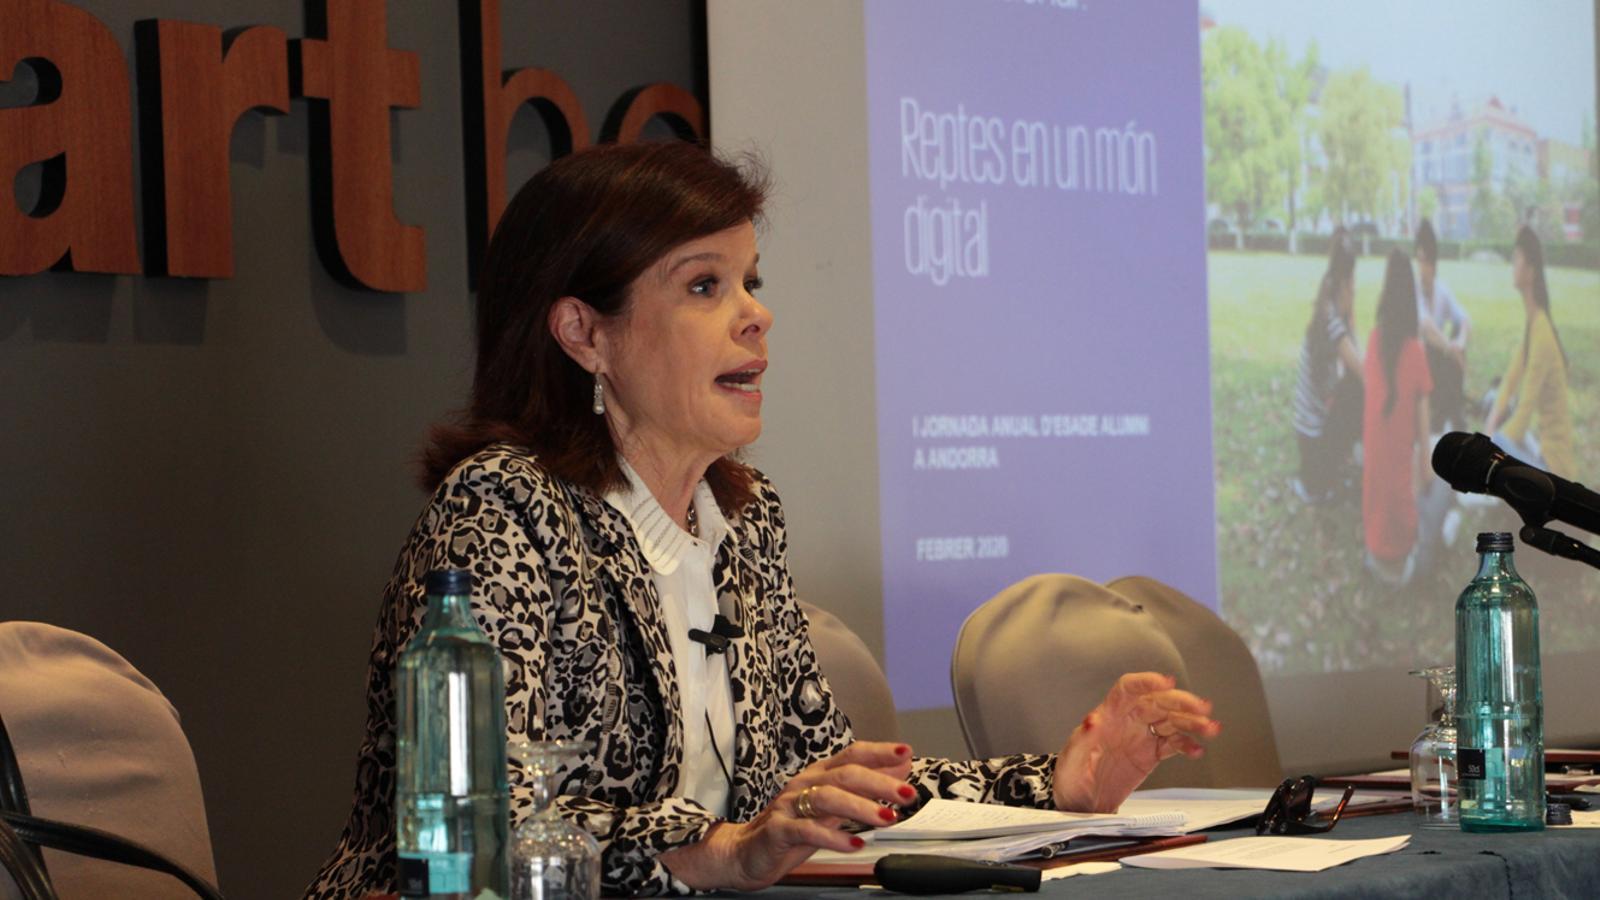 L'experta en fiscalitat i sòcia responsable de KPMG a Catalunya, Montserrat Trapé, durant la seva conferència. / M. P. (ANA)